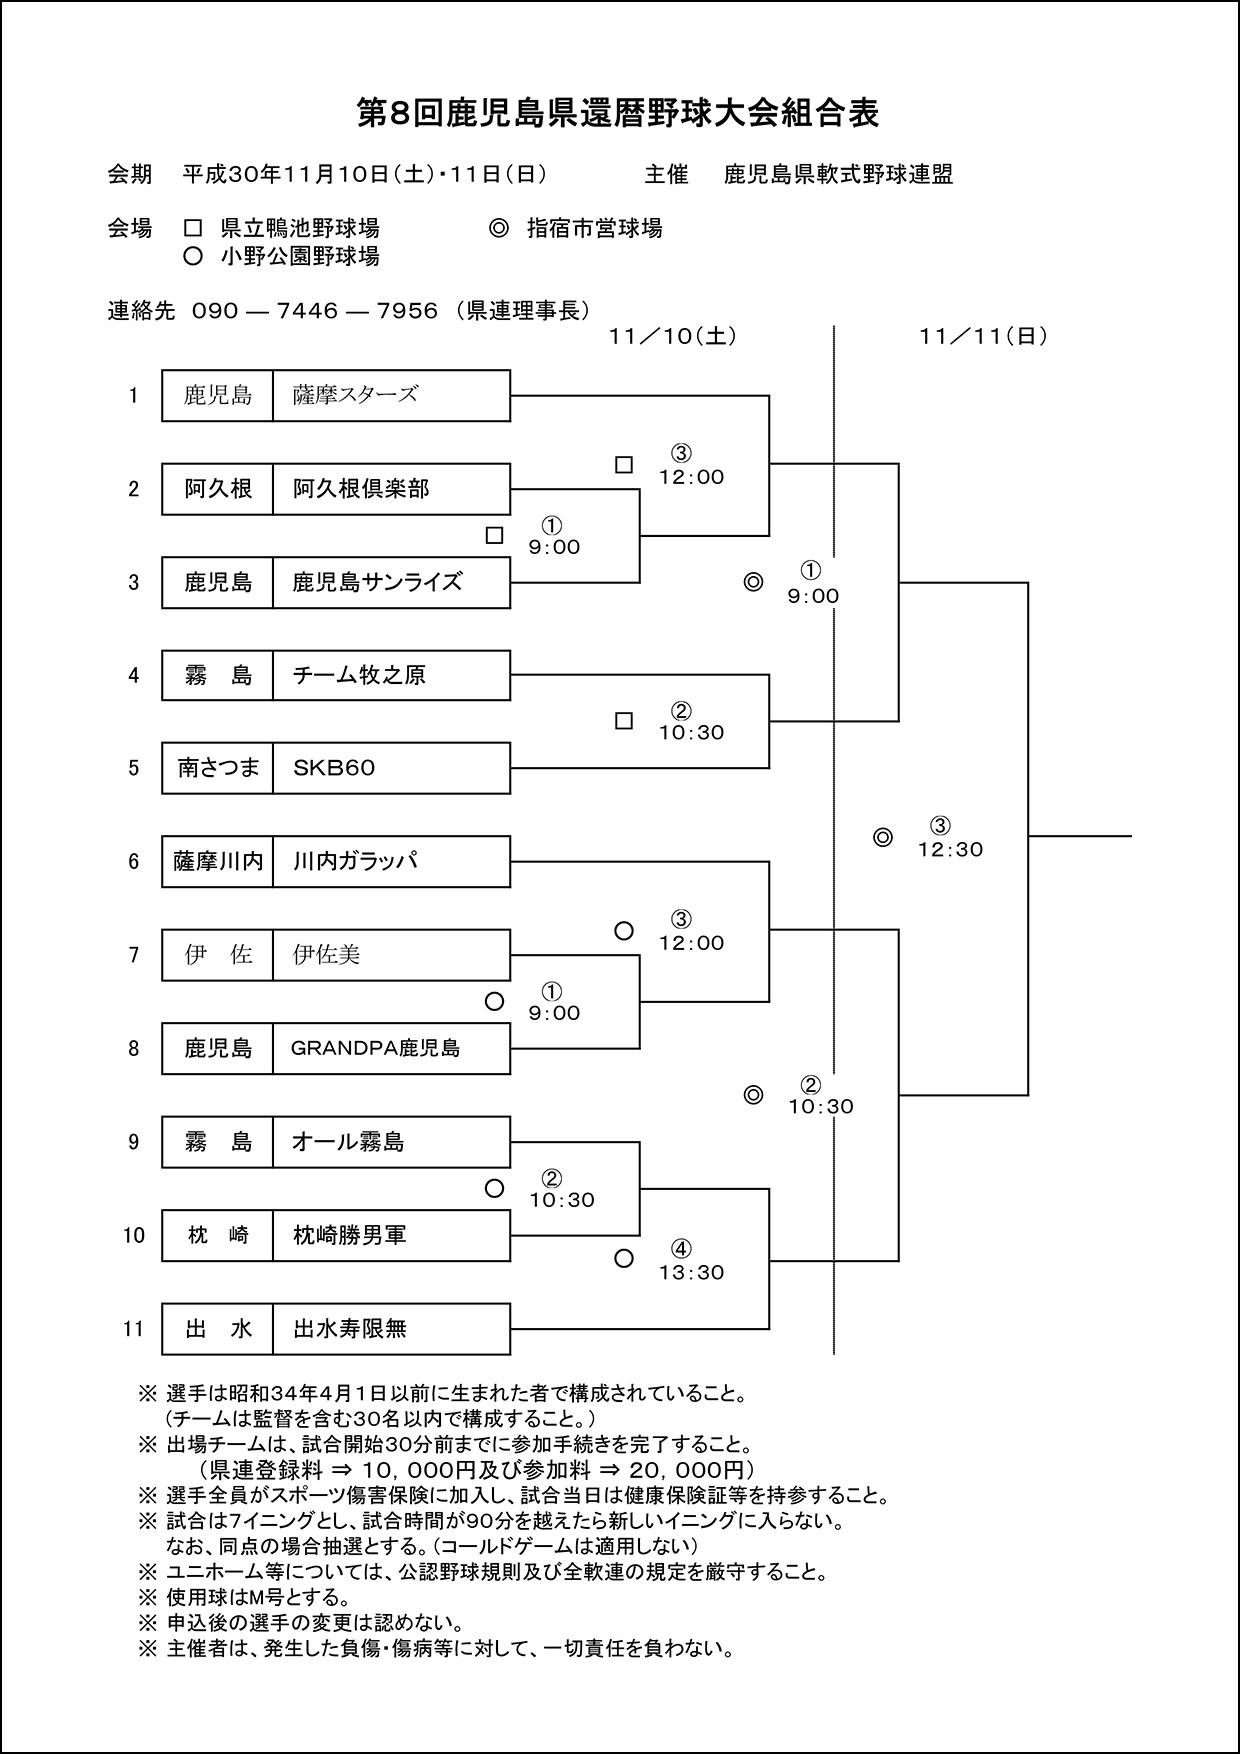 【組合表】第8回鹿児島県還暦野球大会